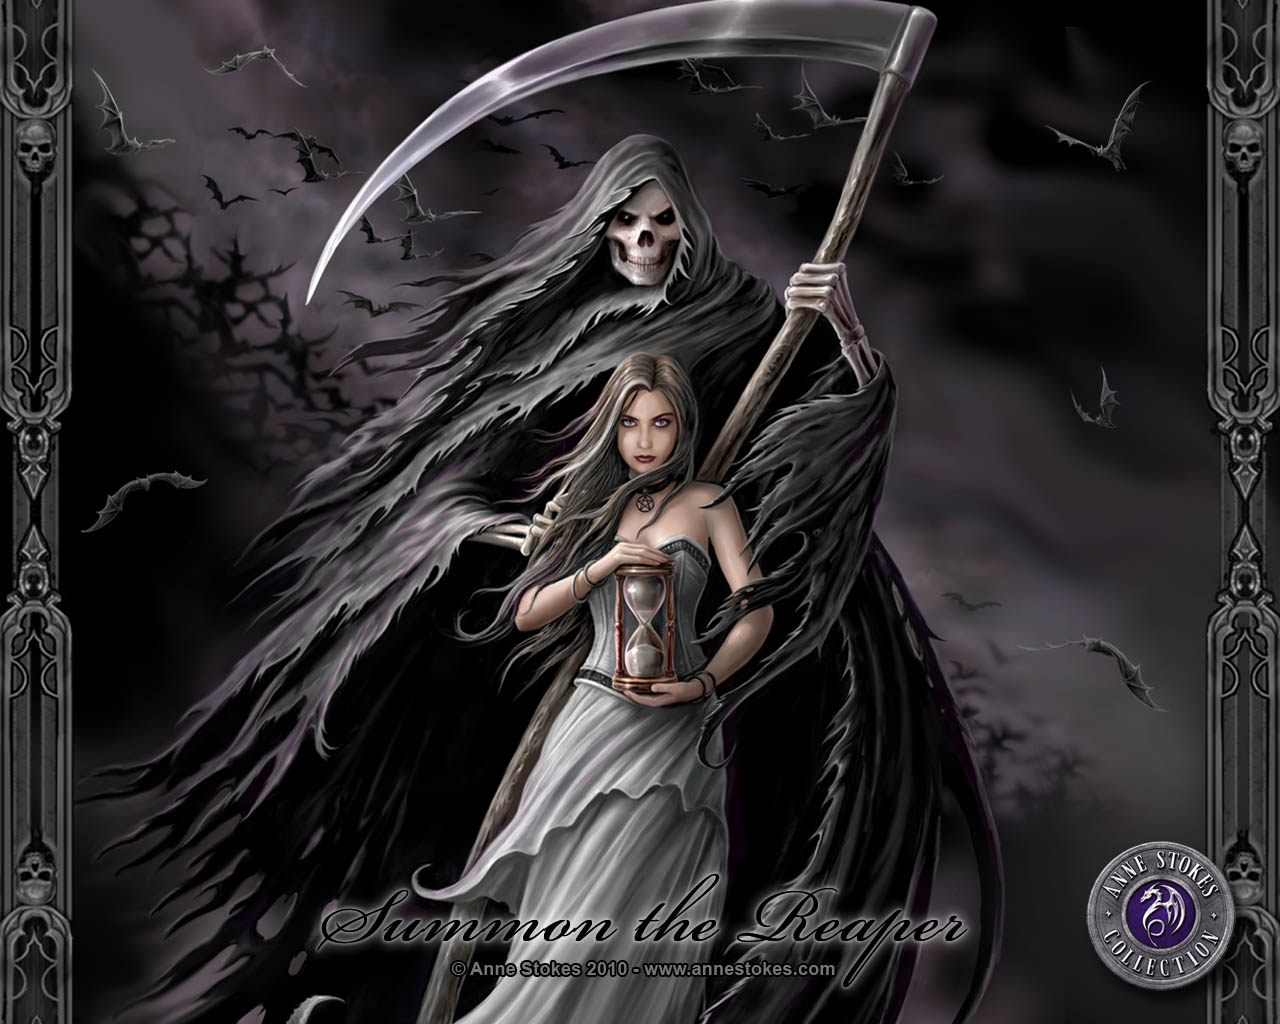 Hintergrundbilder kriegssense anne stokes gothic fantasy sensenmann - Gothic hintergrundbilder ...